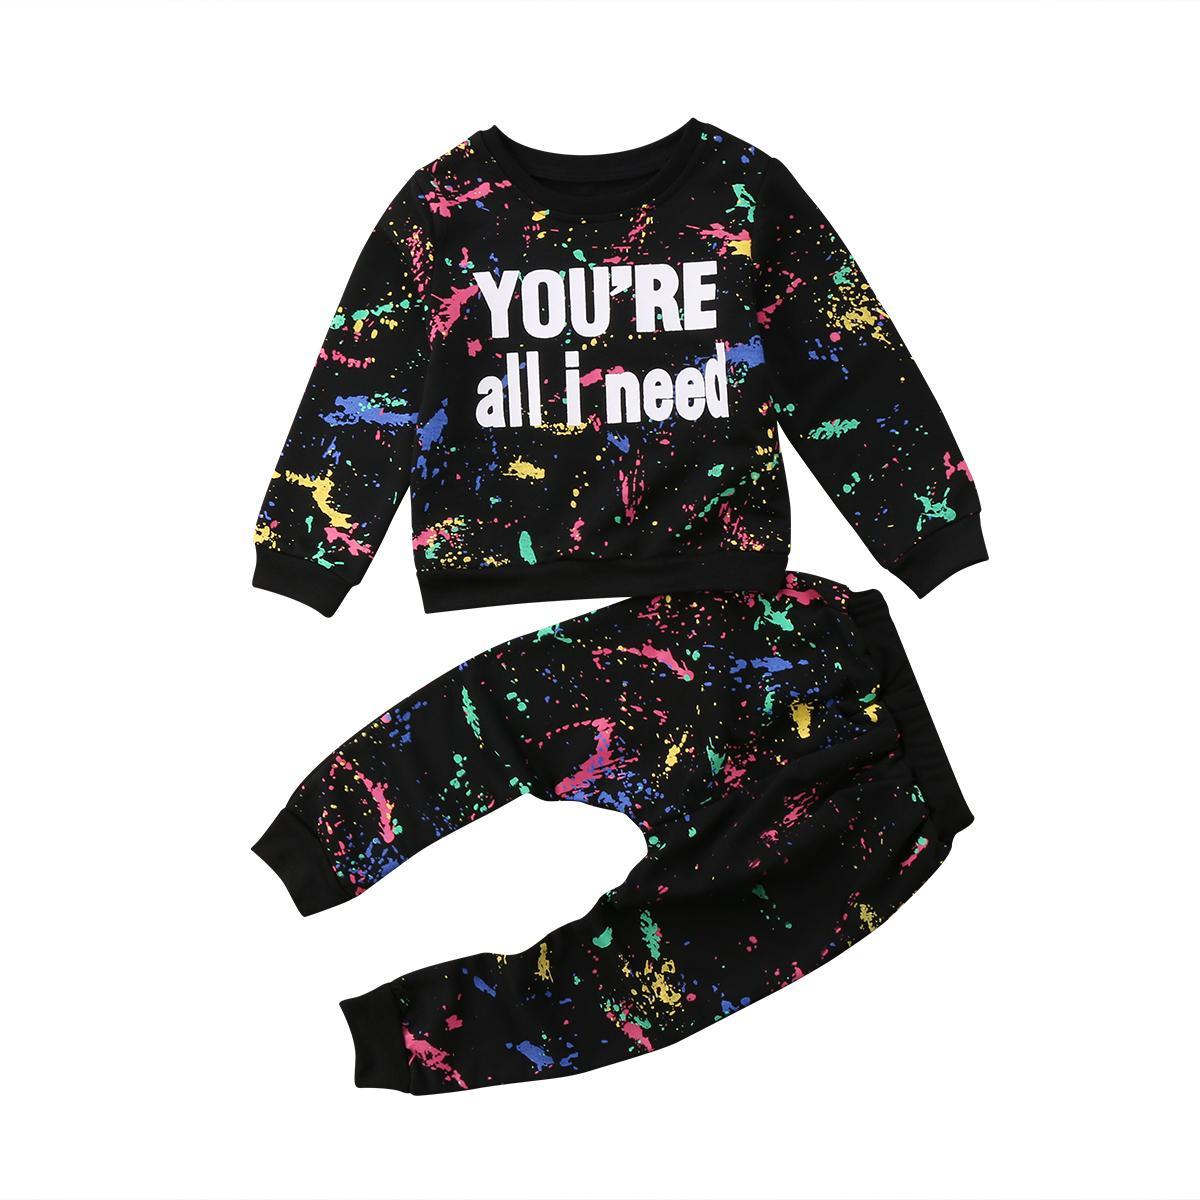 Satın Al 2 Adet Renkli Boya Yürüyor çocuk Kız Bebek Kazak Tişört En